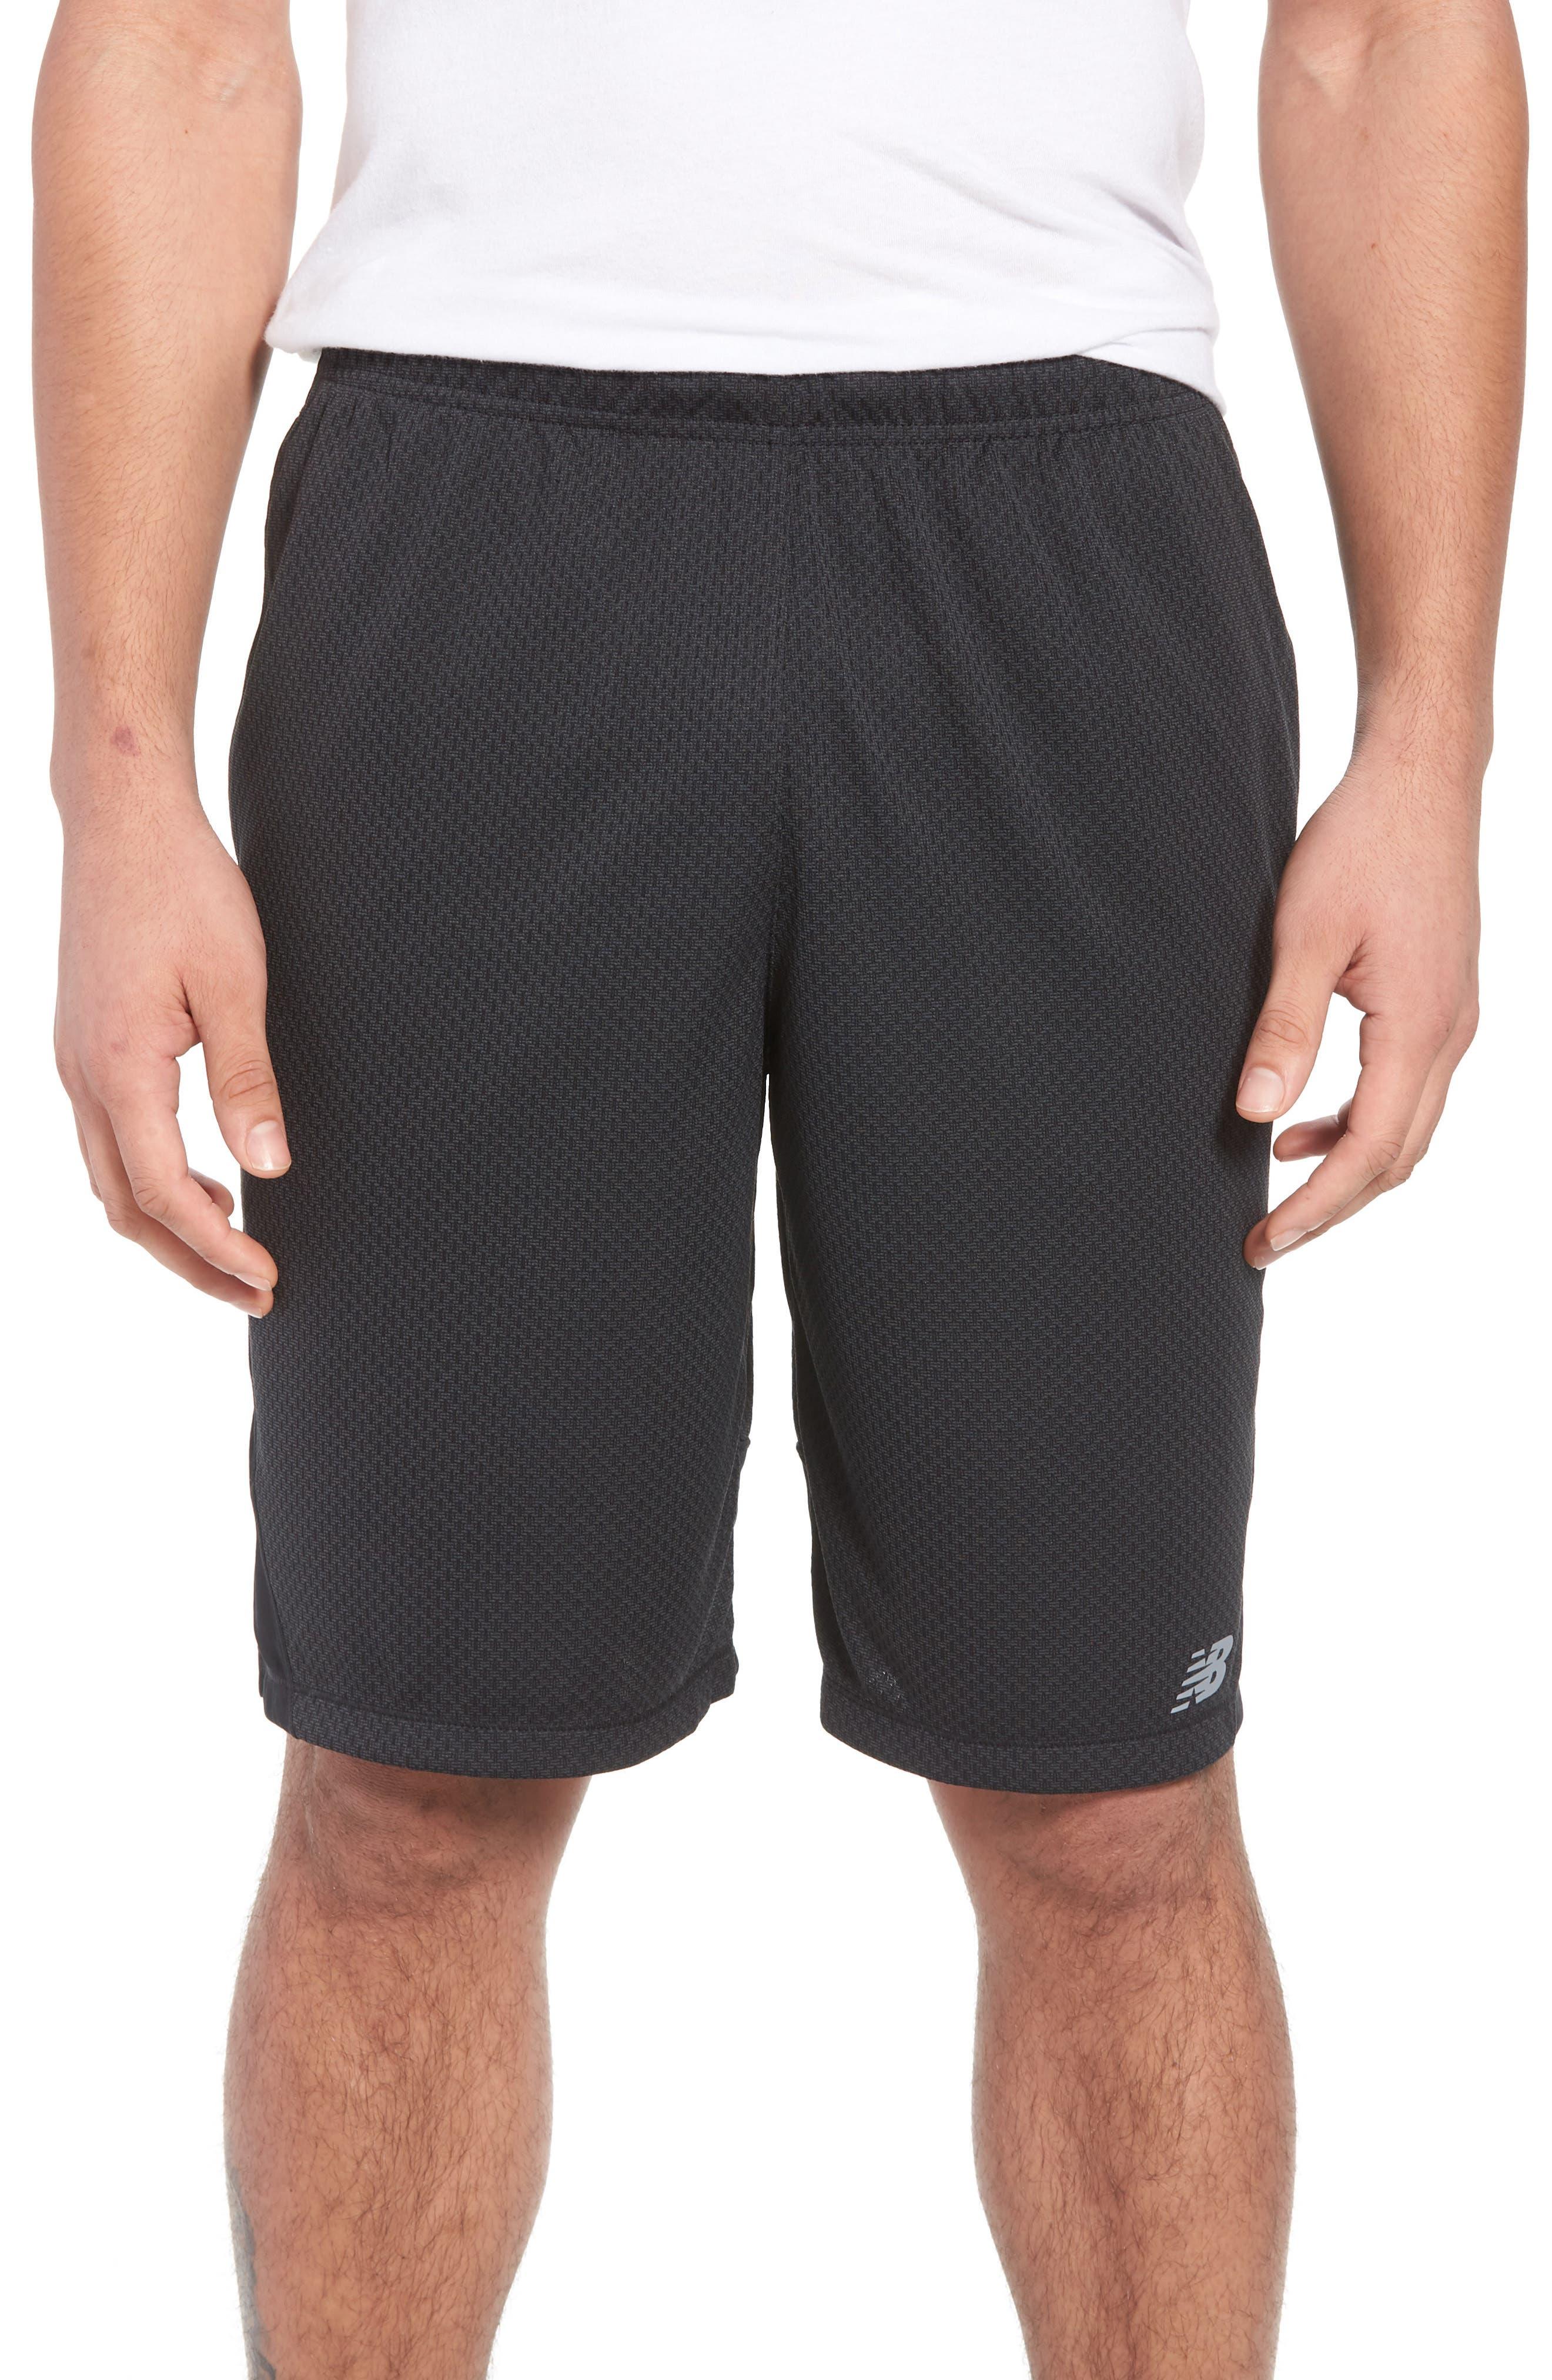 Tencity Knit Shorts,                             Main thumbnail 1, color,                             Black